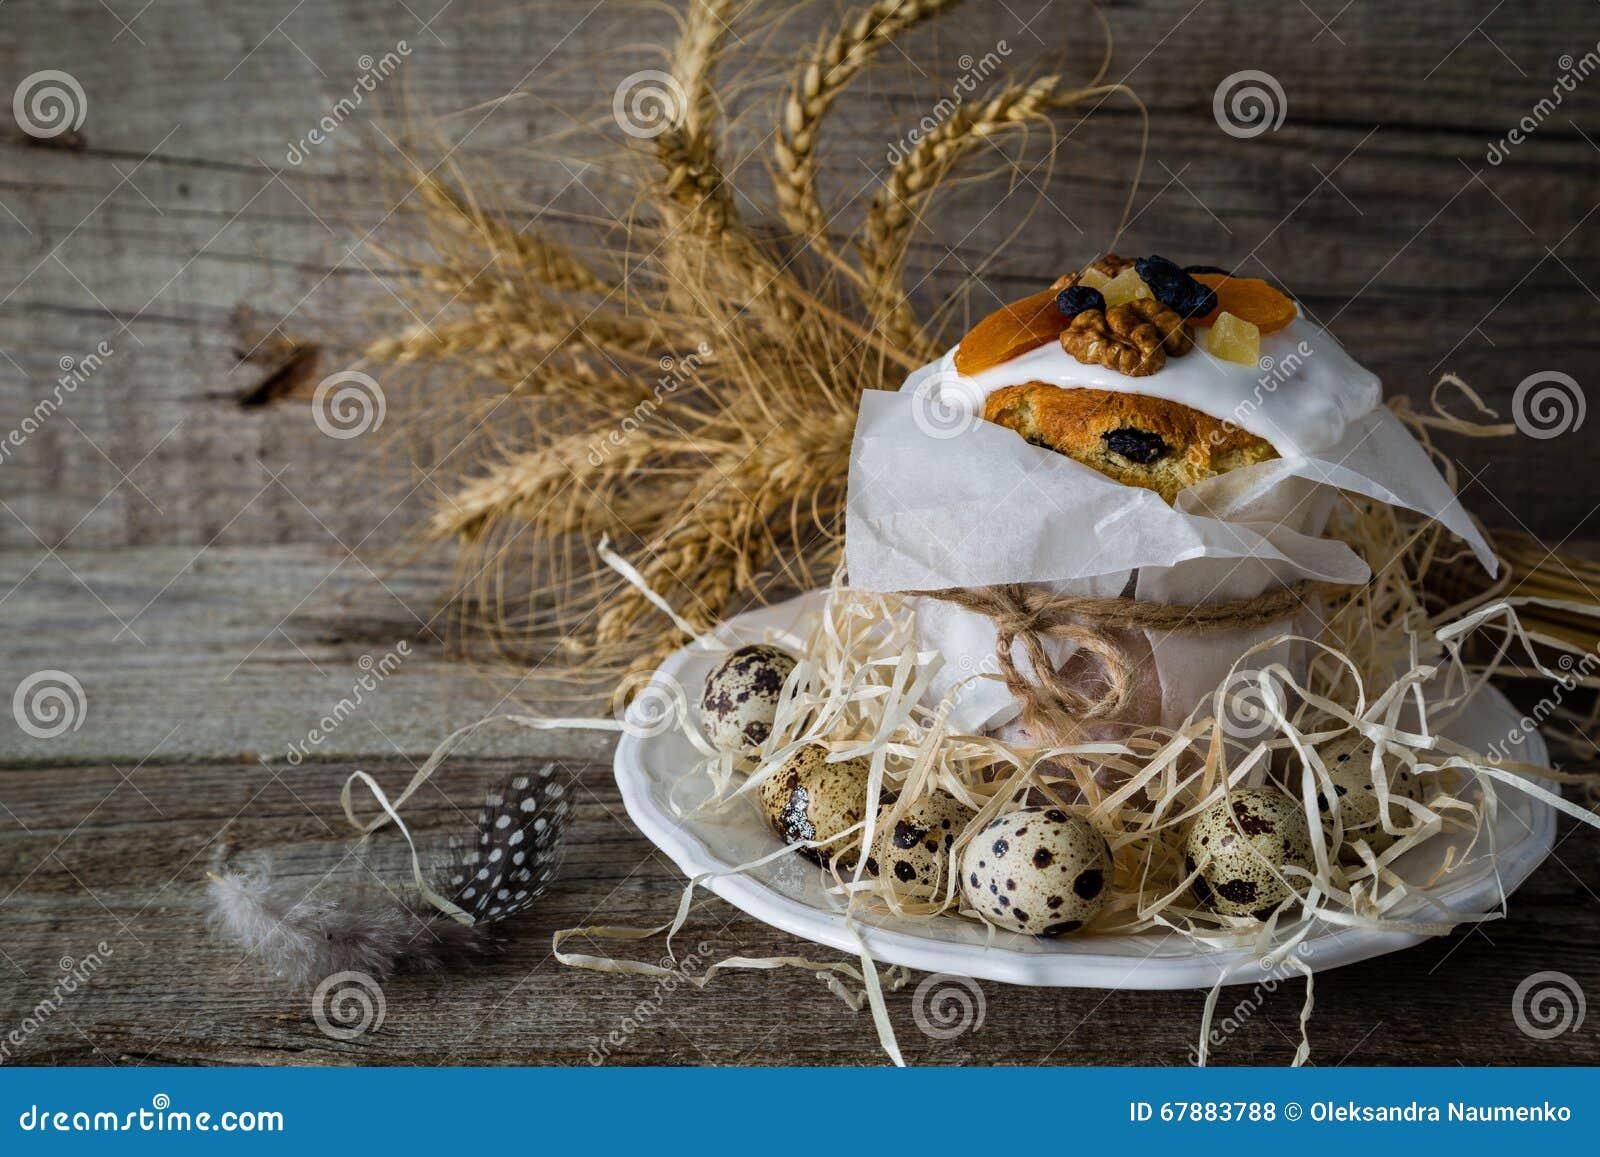 Pasqua agglutina con le uova, fondo di legno rustico